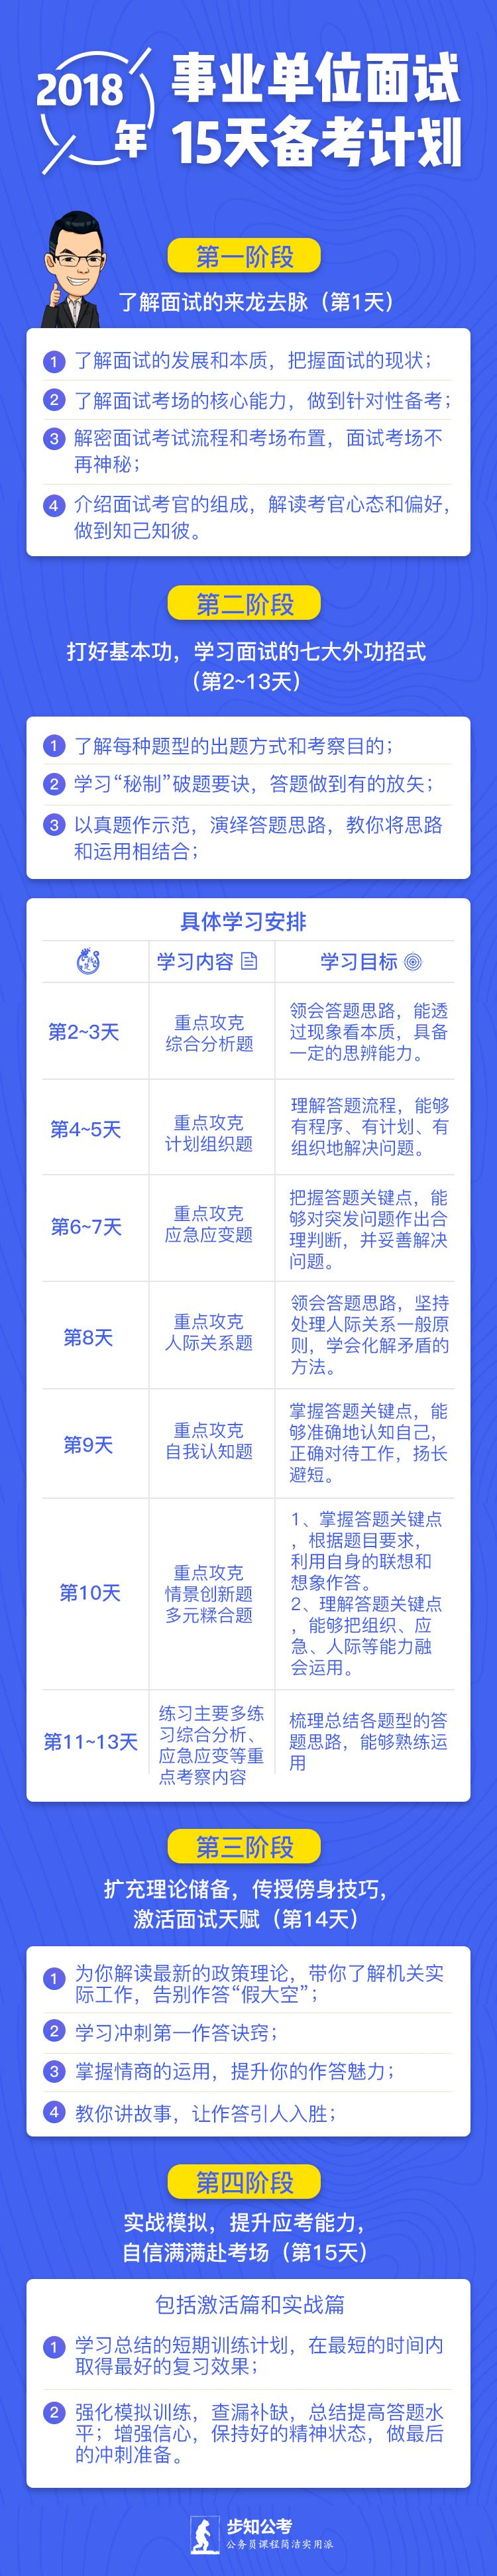 2018年事业单位面试15天备考计划.png